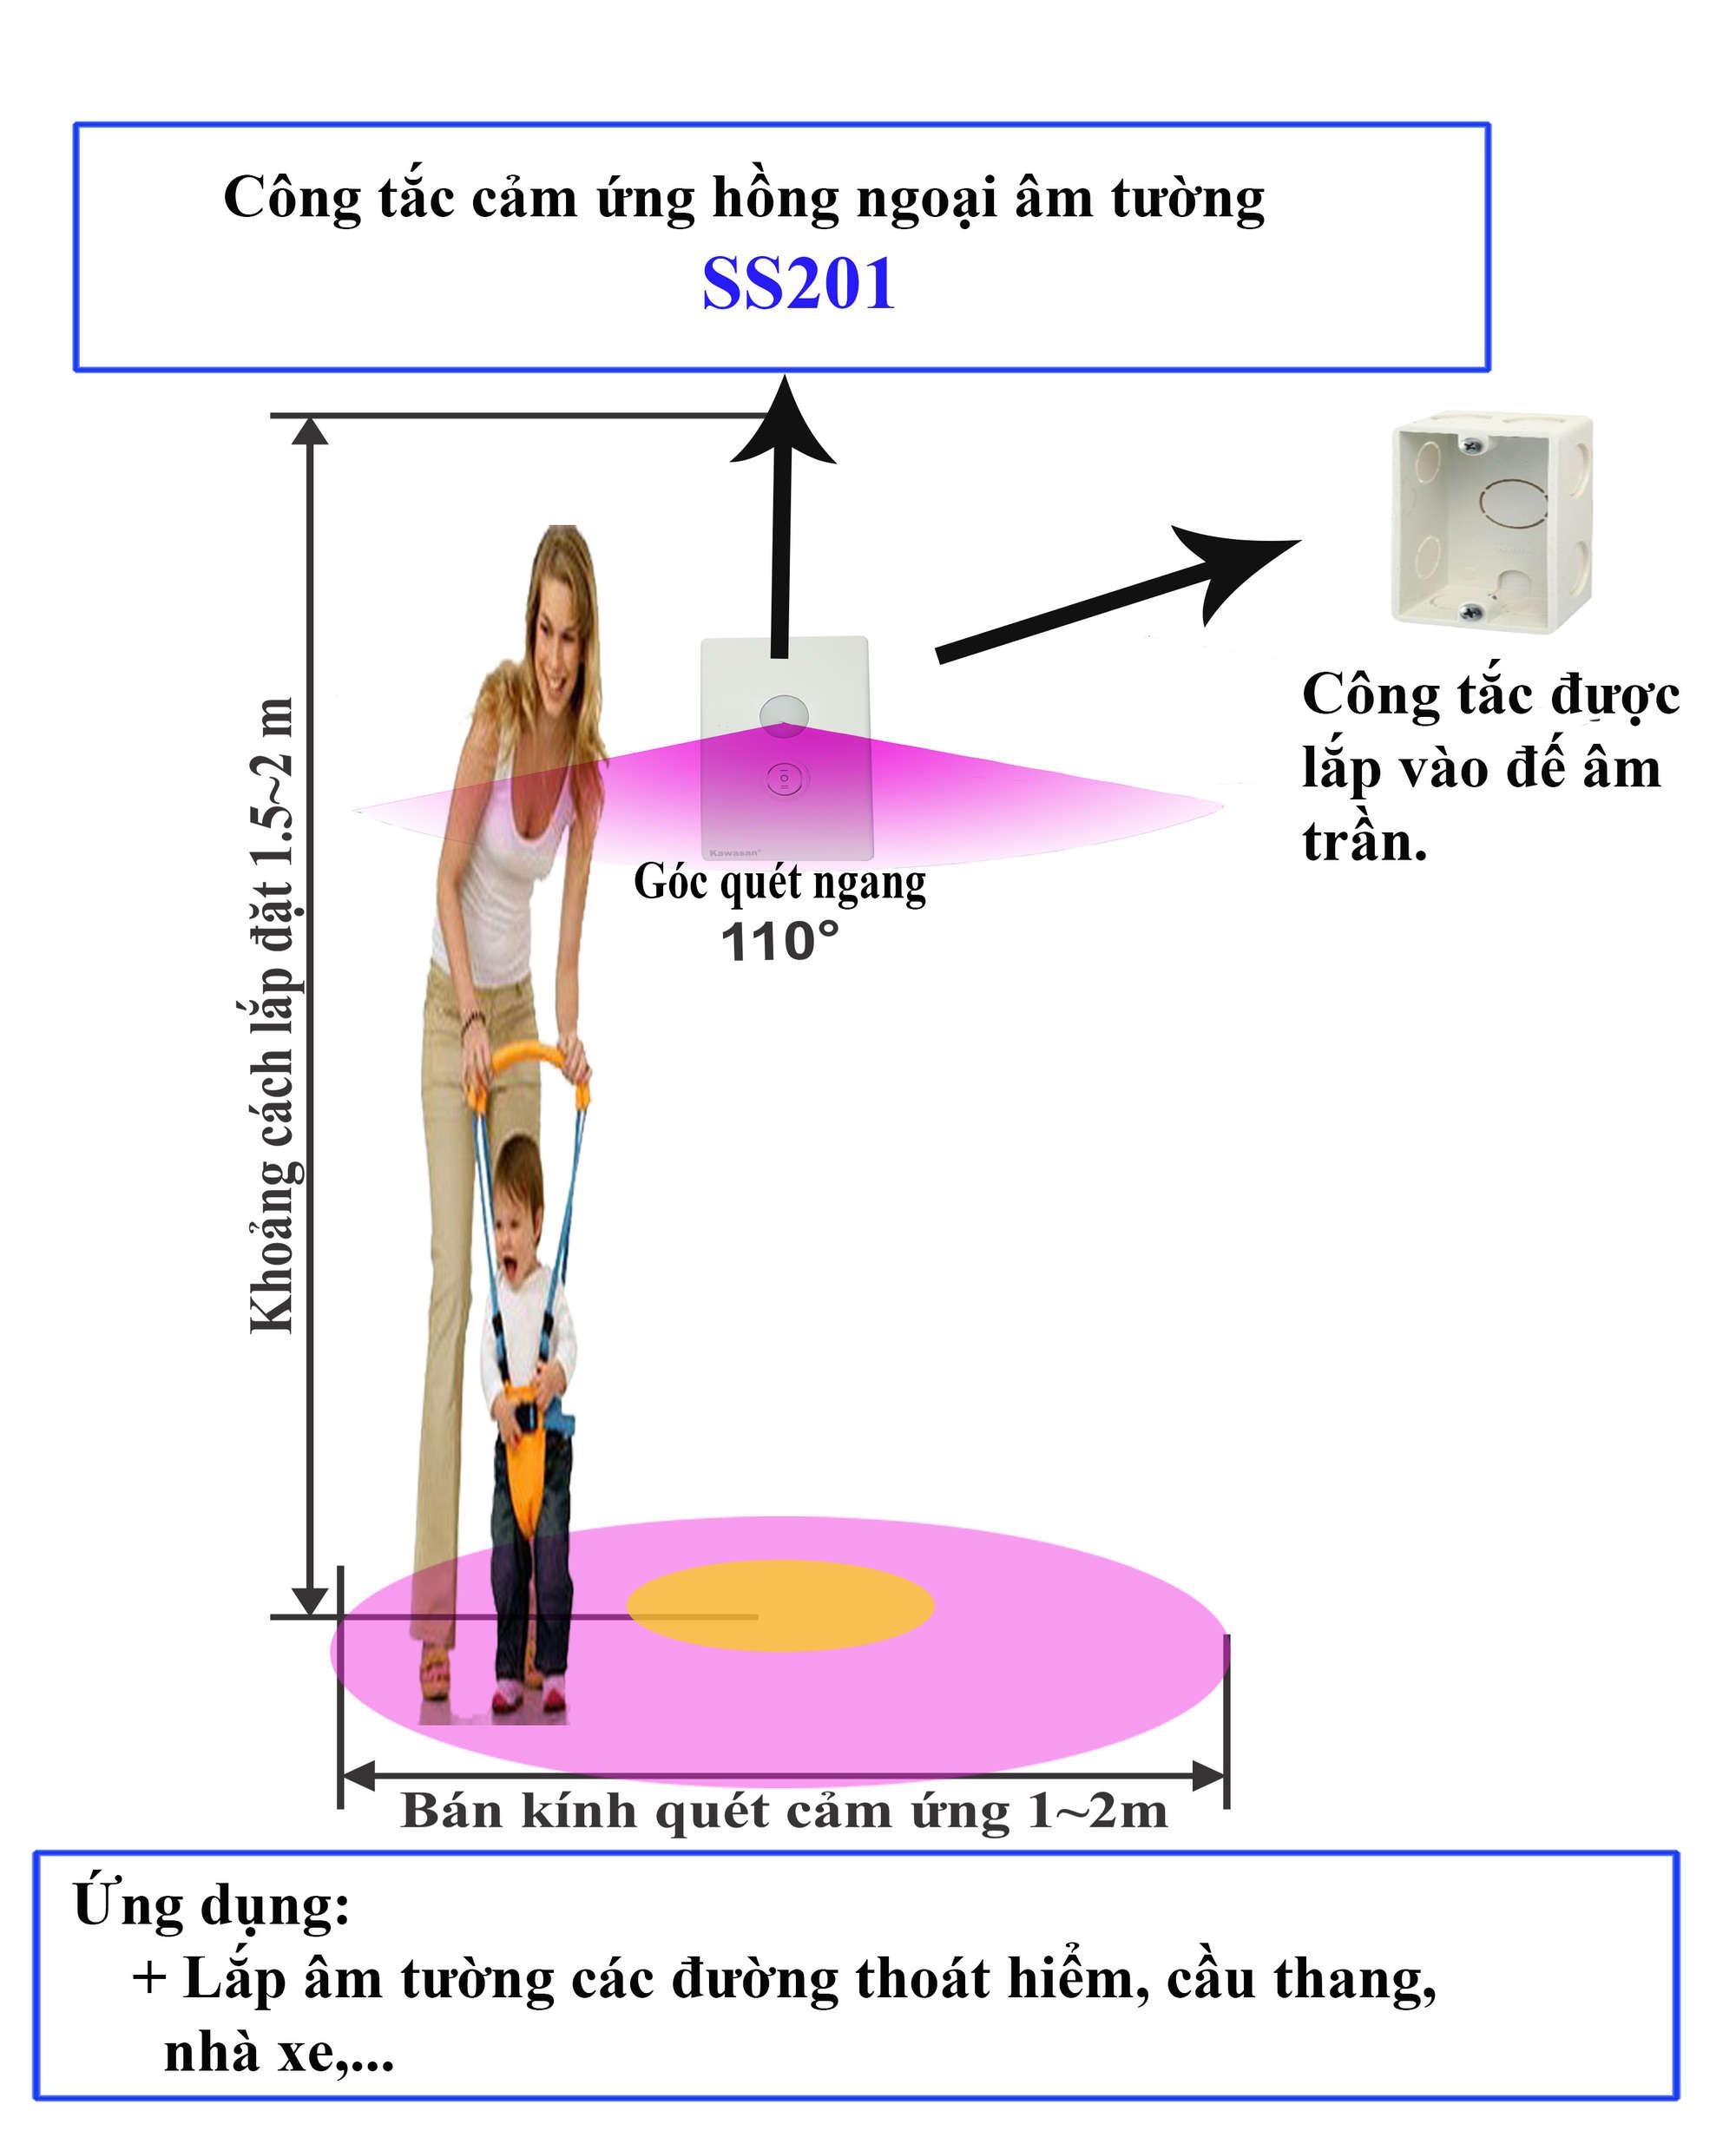 độ cao lắp đặt cảm ứng hồng ngoại